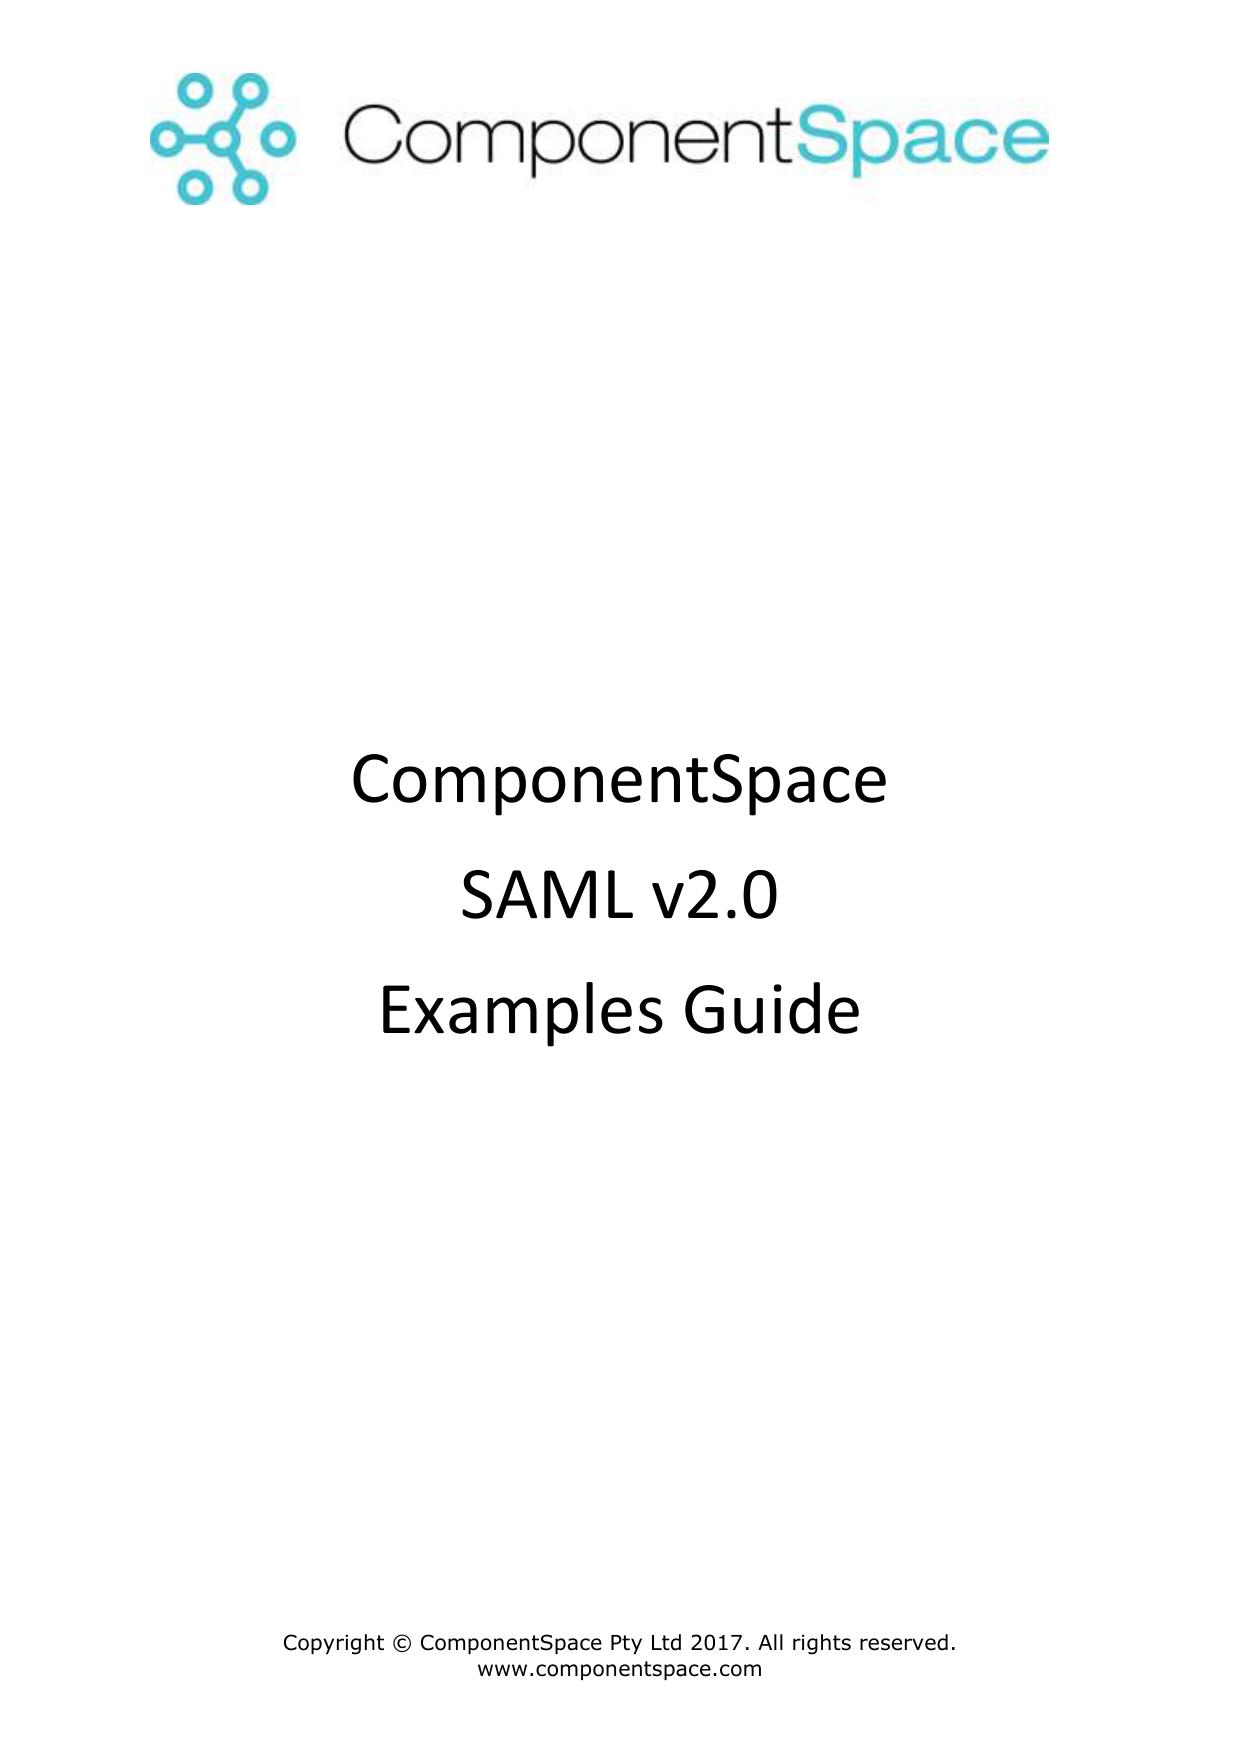 ComponentSpace SAML v2 0 Examples Guide | manualzz com